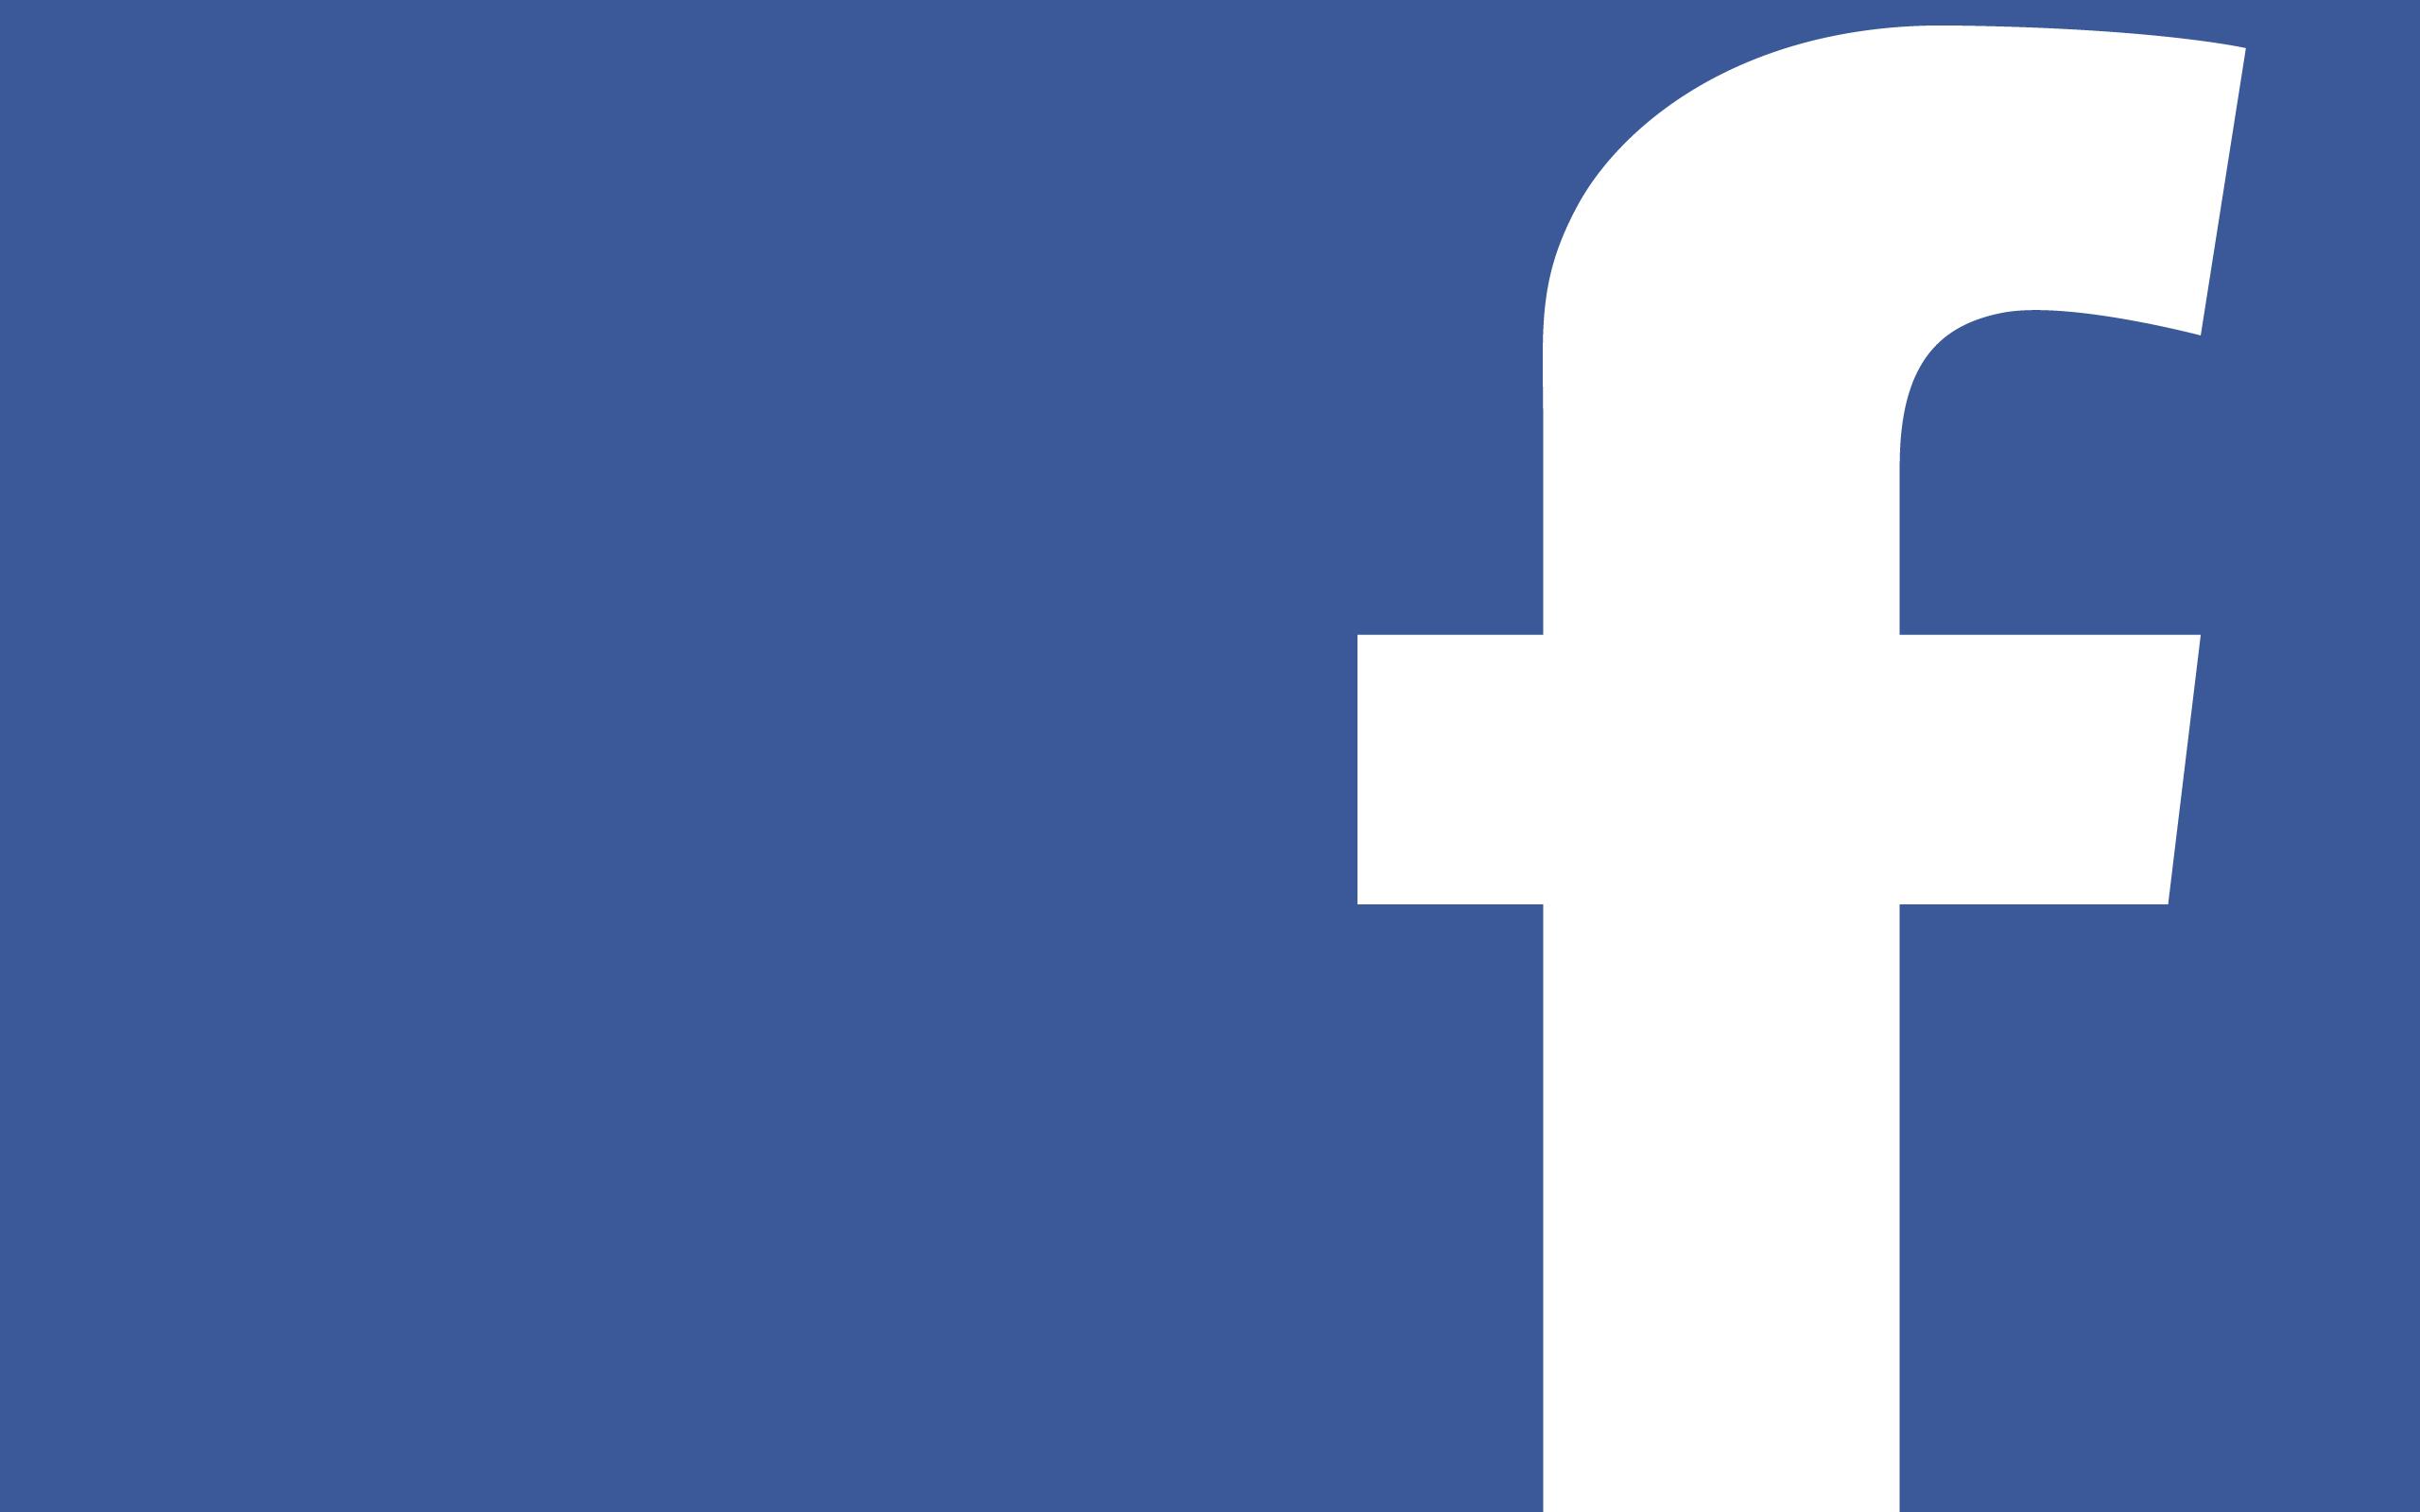 Facebook Wallpapers 17  768x480  C2 B7 Download